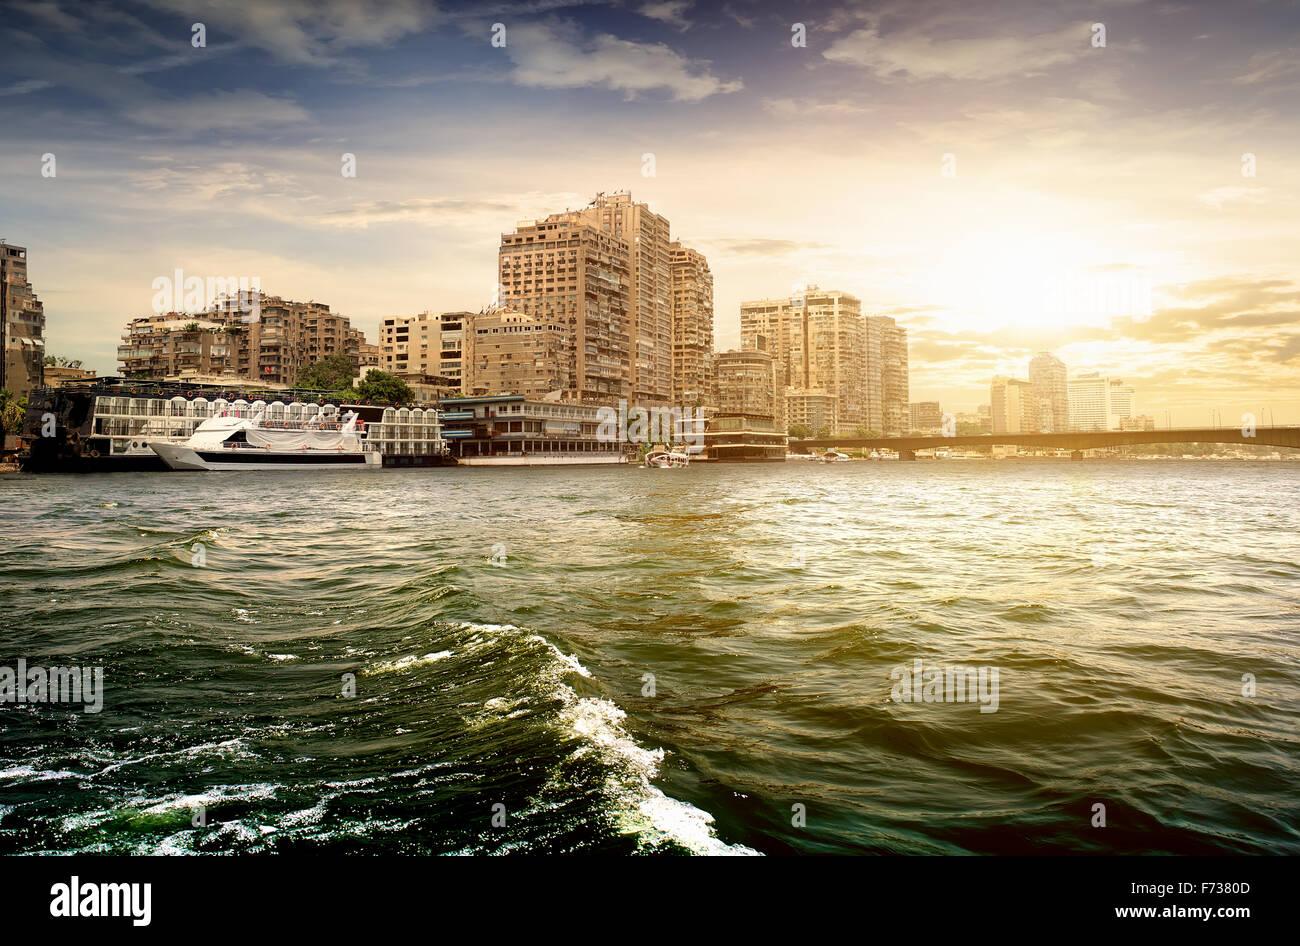 Edifici moderni di Cairo sul Nilo Immagini Stock